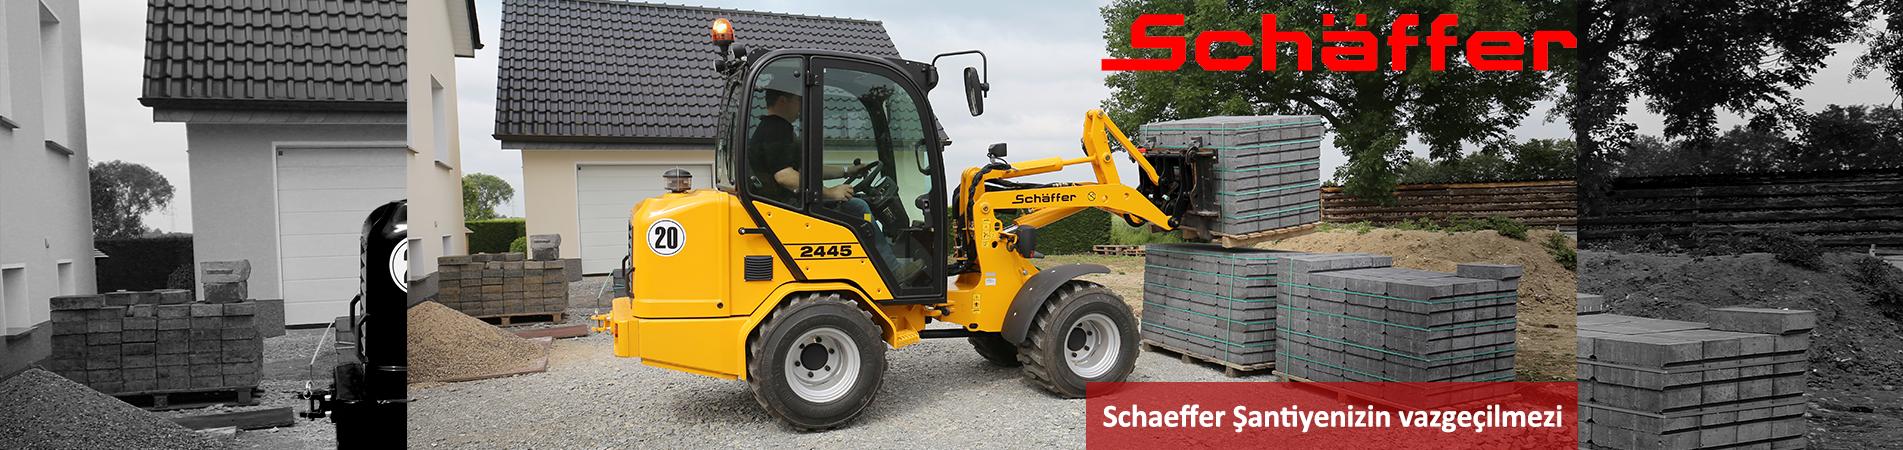 Schaeffer-1